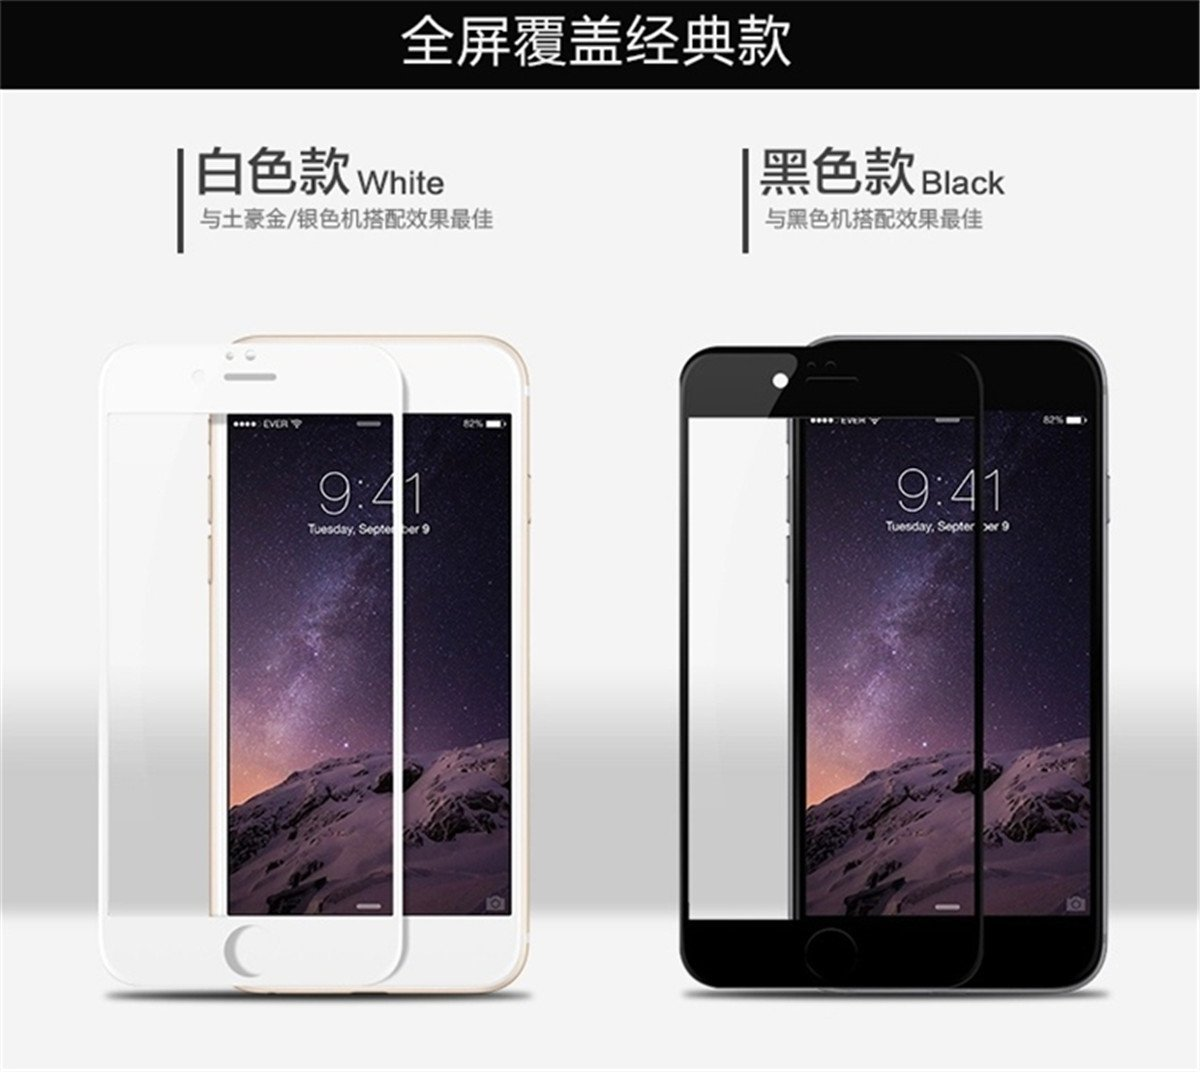 YOCY tinh thể không được áp dụng trong loạt phim iPhone6 kính chống đạn. 6S kính chống đạn. Màng màn